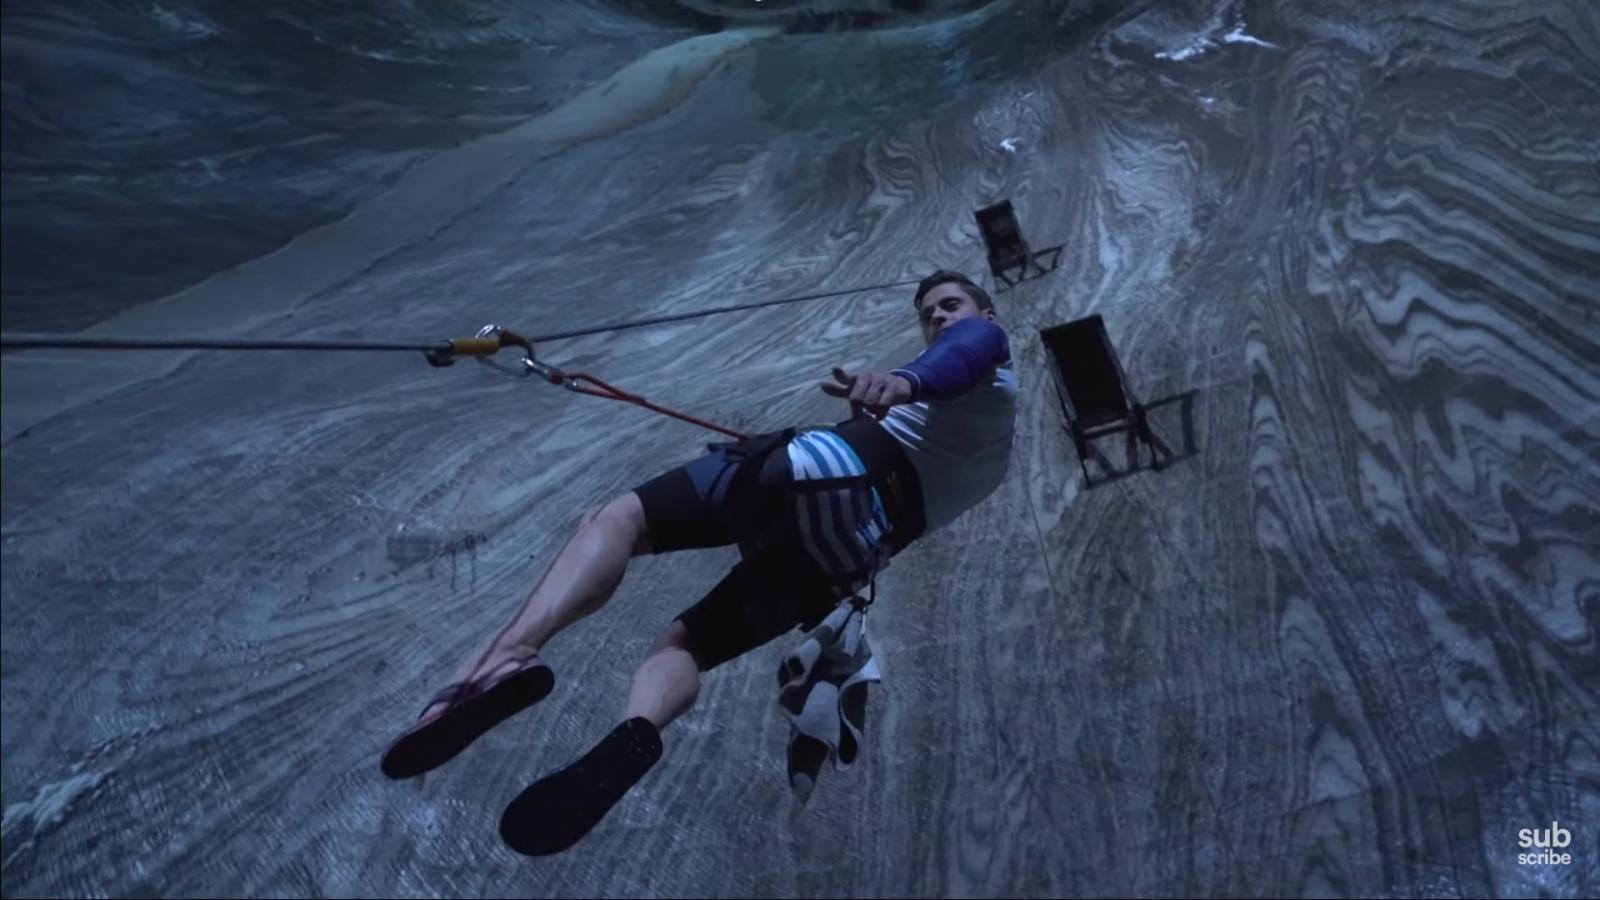 Video: Màn nhào lộn từ độ cao 120m tại mỏ muối lâu đời nhất thế giới